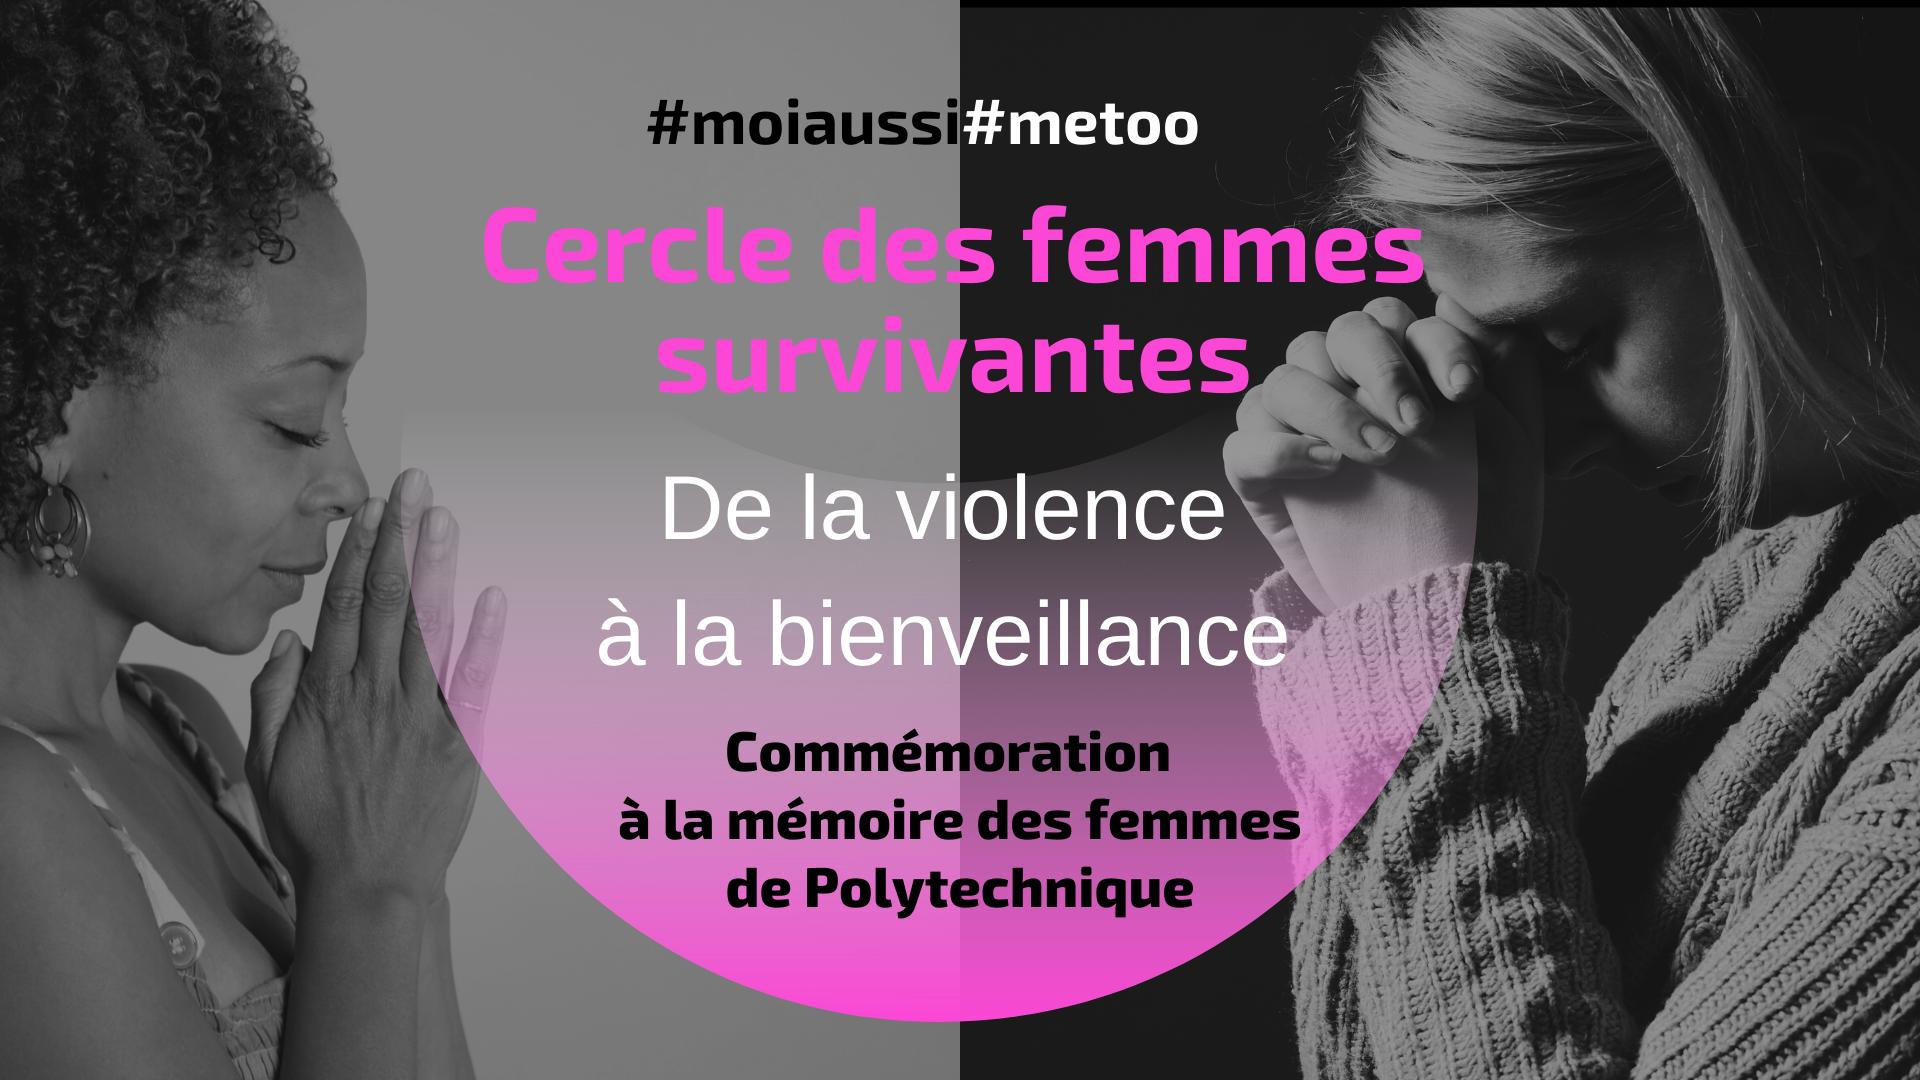 Cercle des femmes survivantes